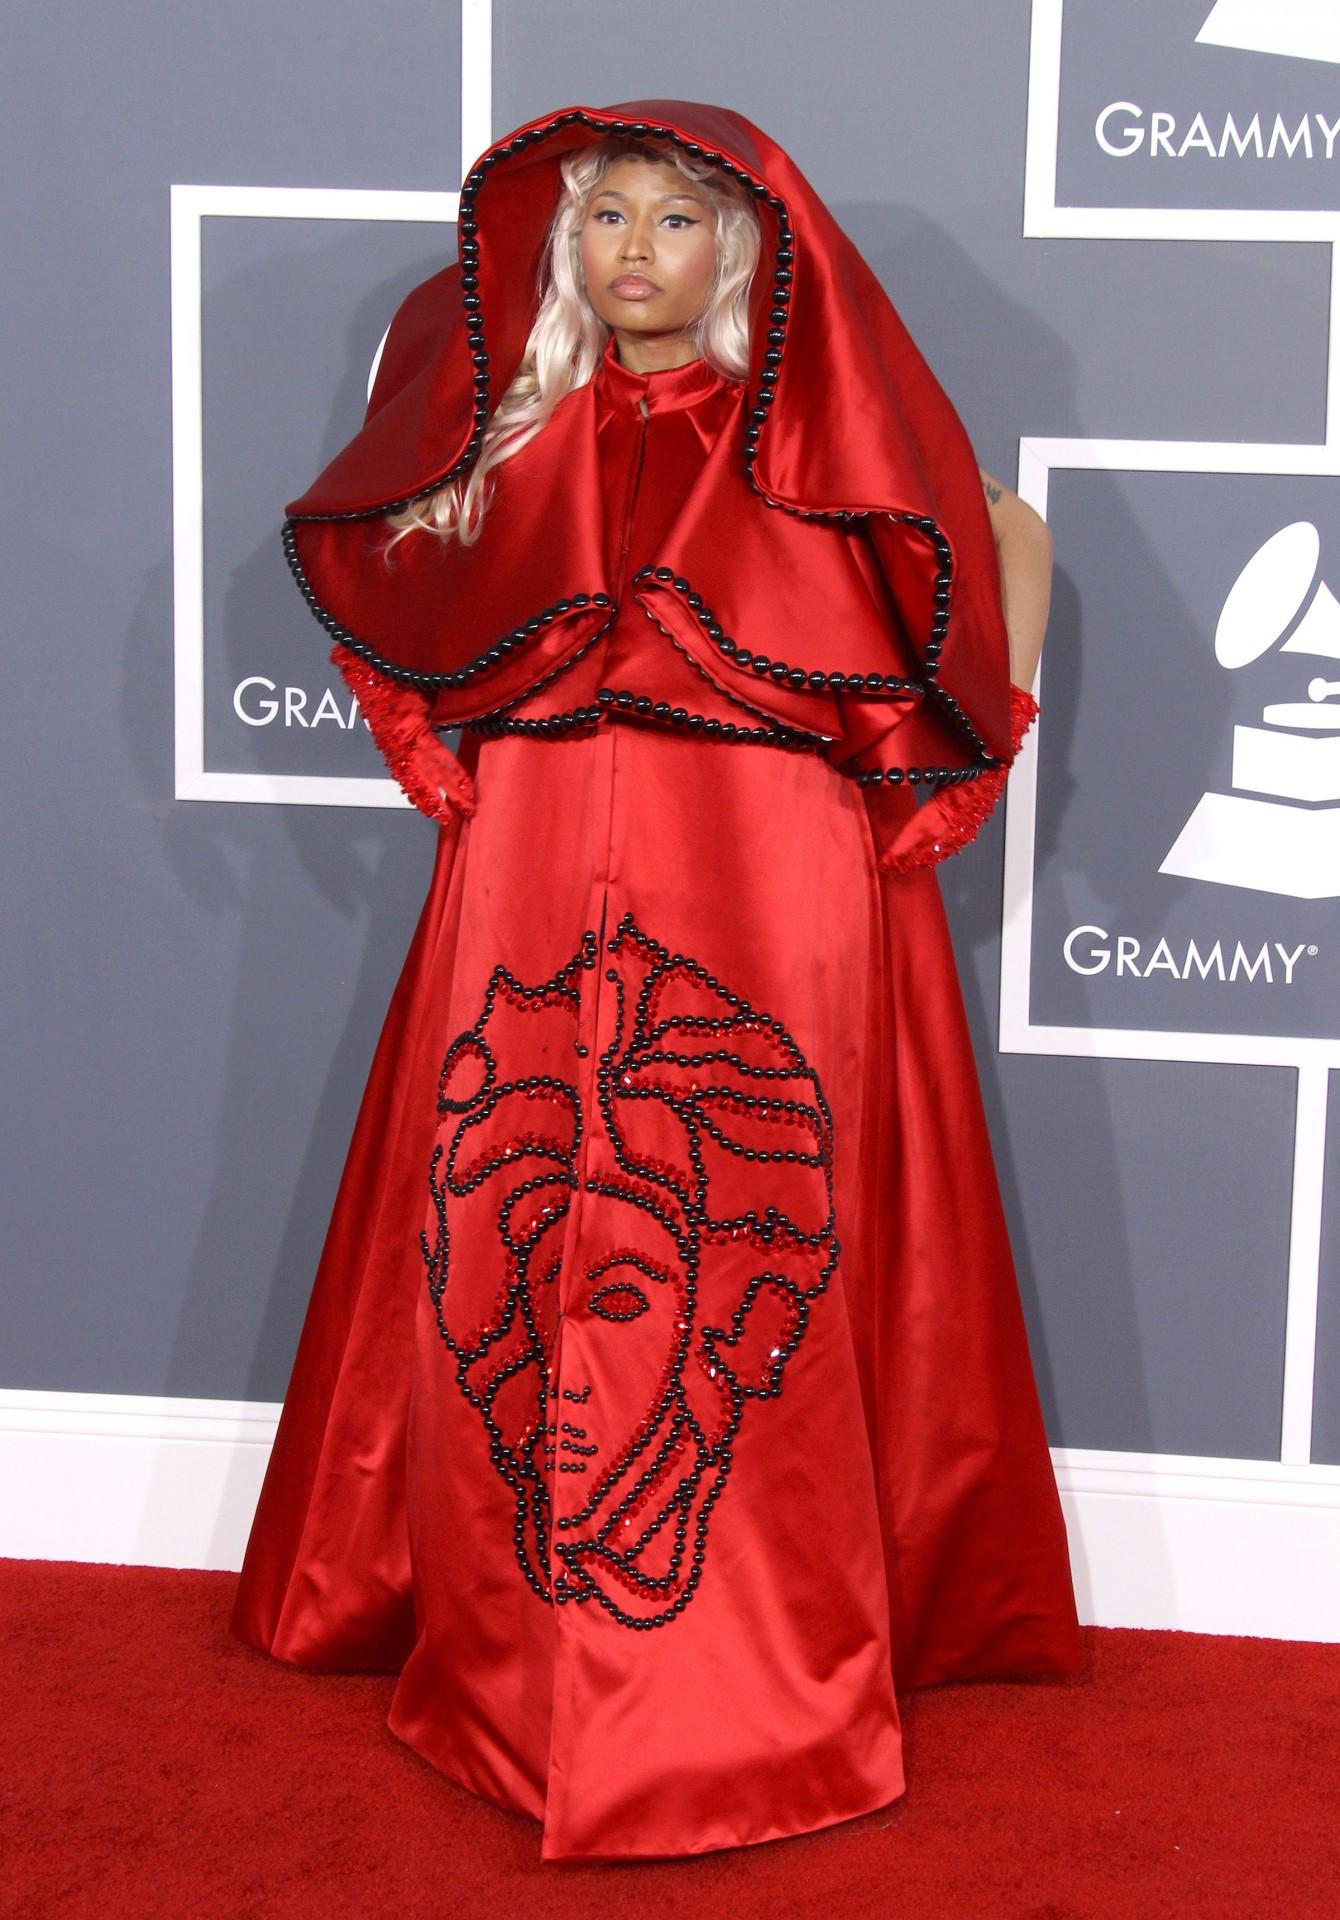 3. Nicki Minaj